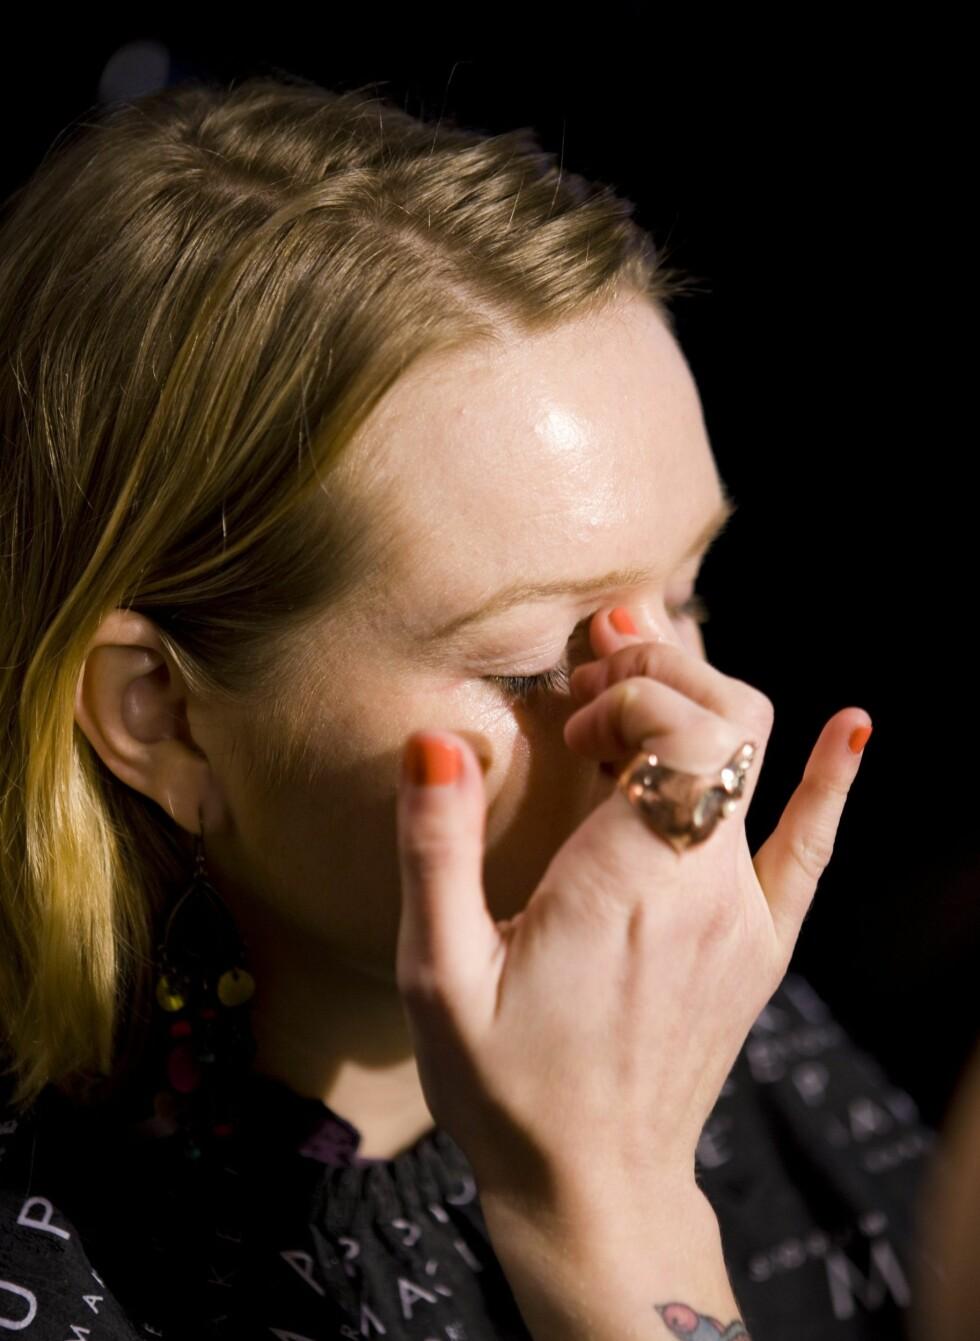 Hanna anbefaler å bruke en egen øyekrem i området rundt øyet. Ikke bruk for mye her og vær forsiktig med hvor mye du drar i huden. Lett press med en finger er best.  Foto: Per Ervland